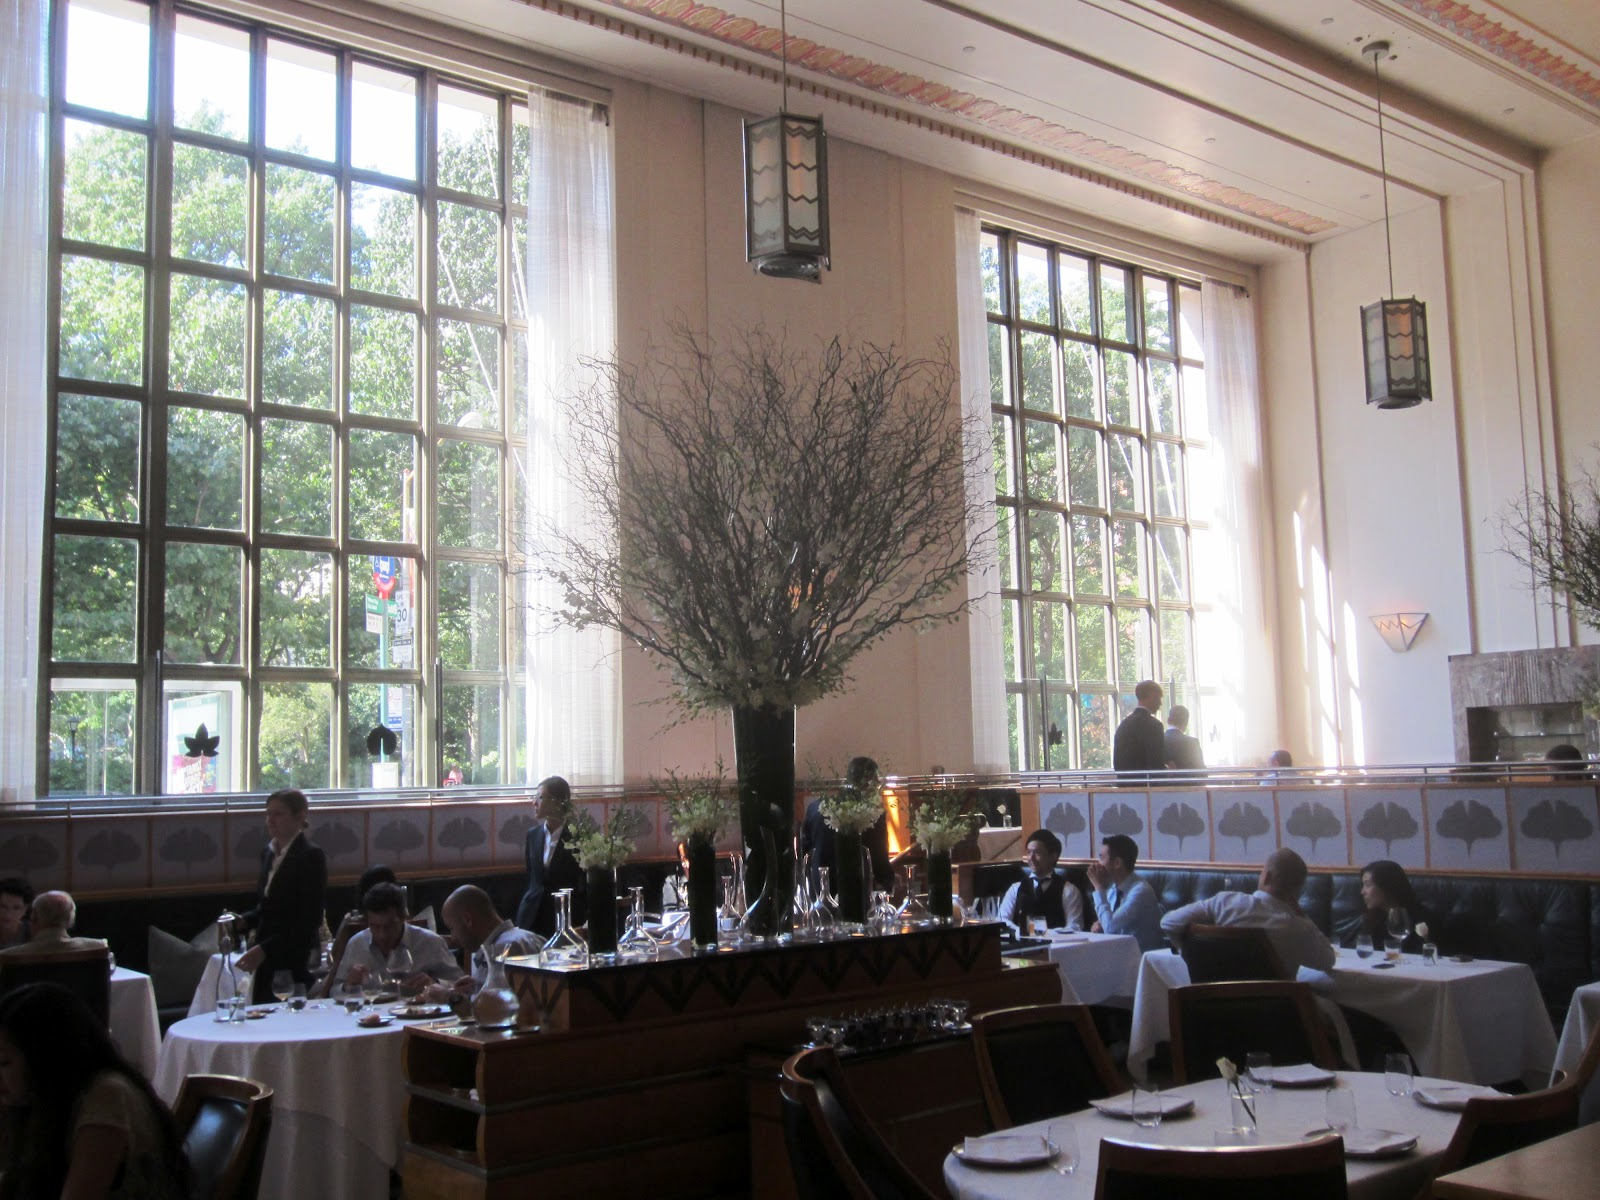 Eleven Madison Park 1 Restaurants Top 10 Best Looking In New York